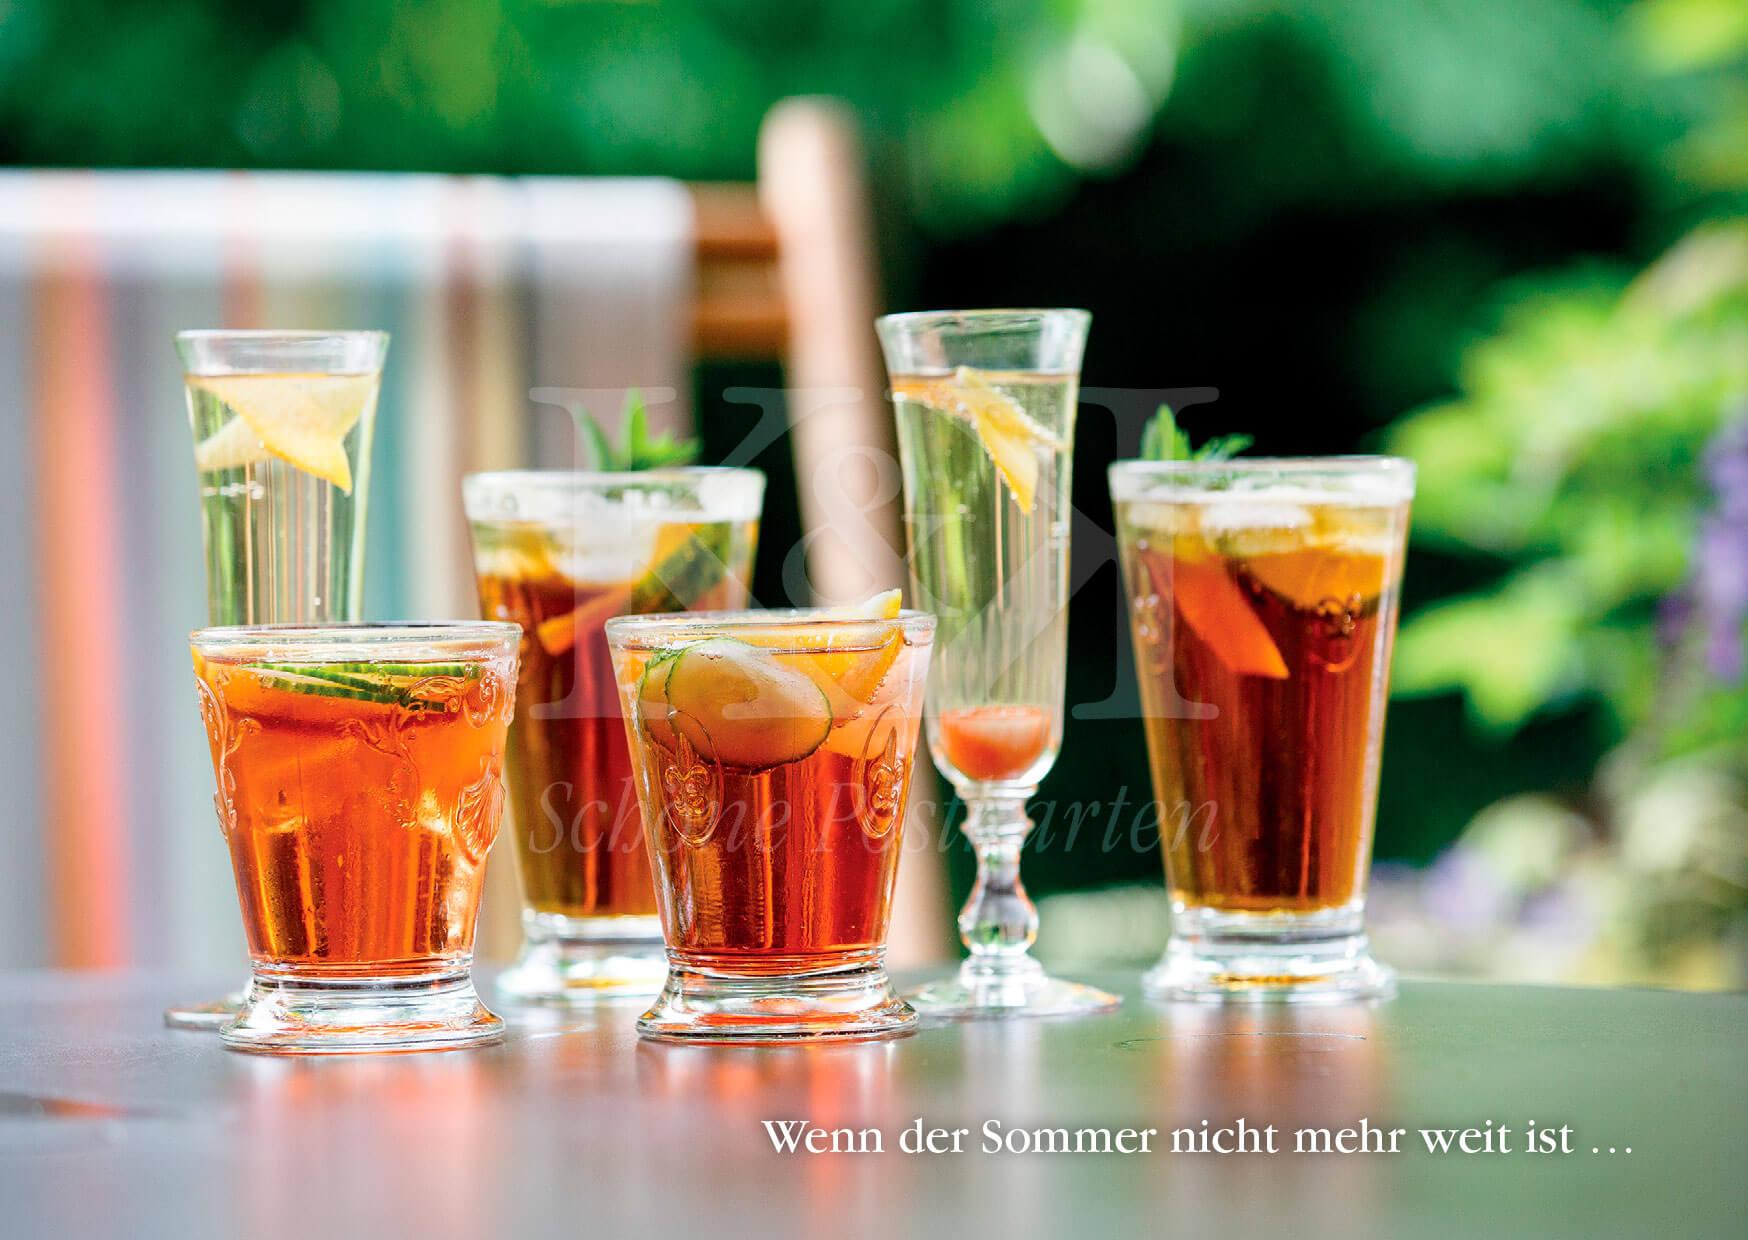 Wenn der Sommer nicht mehr weit ist | Schöne Postkarte Nr. 108 | © www.schoenepostkarten.de